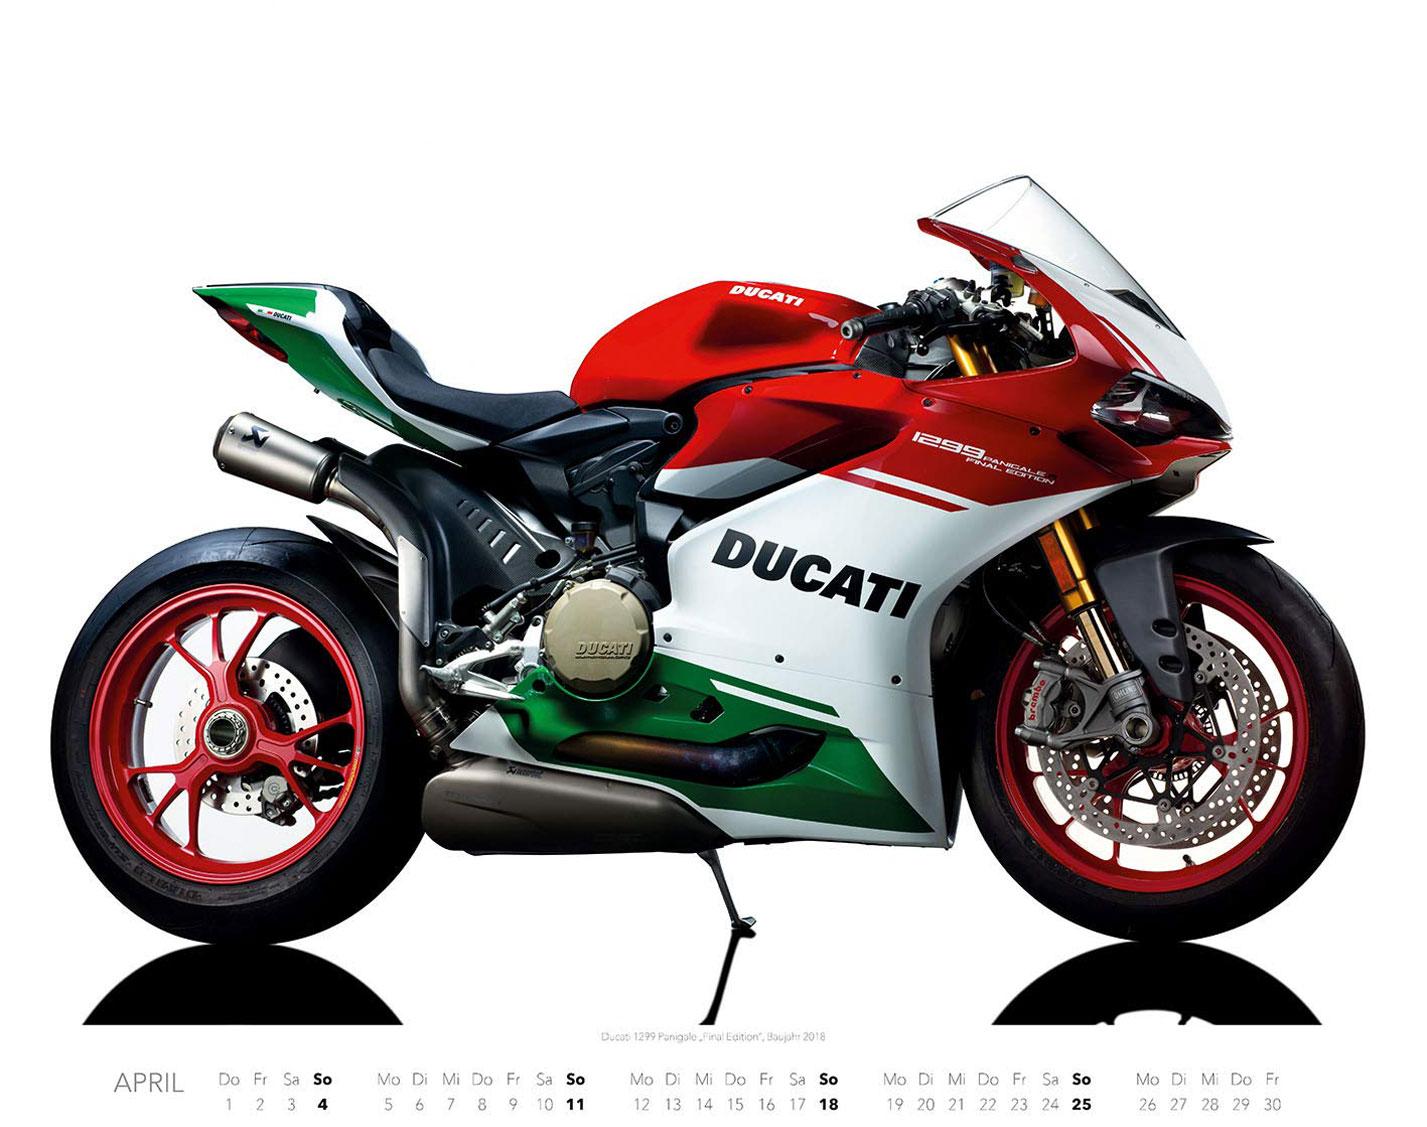 Календарь с крутыми мотоциклами на 2021 год / апрель